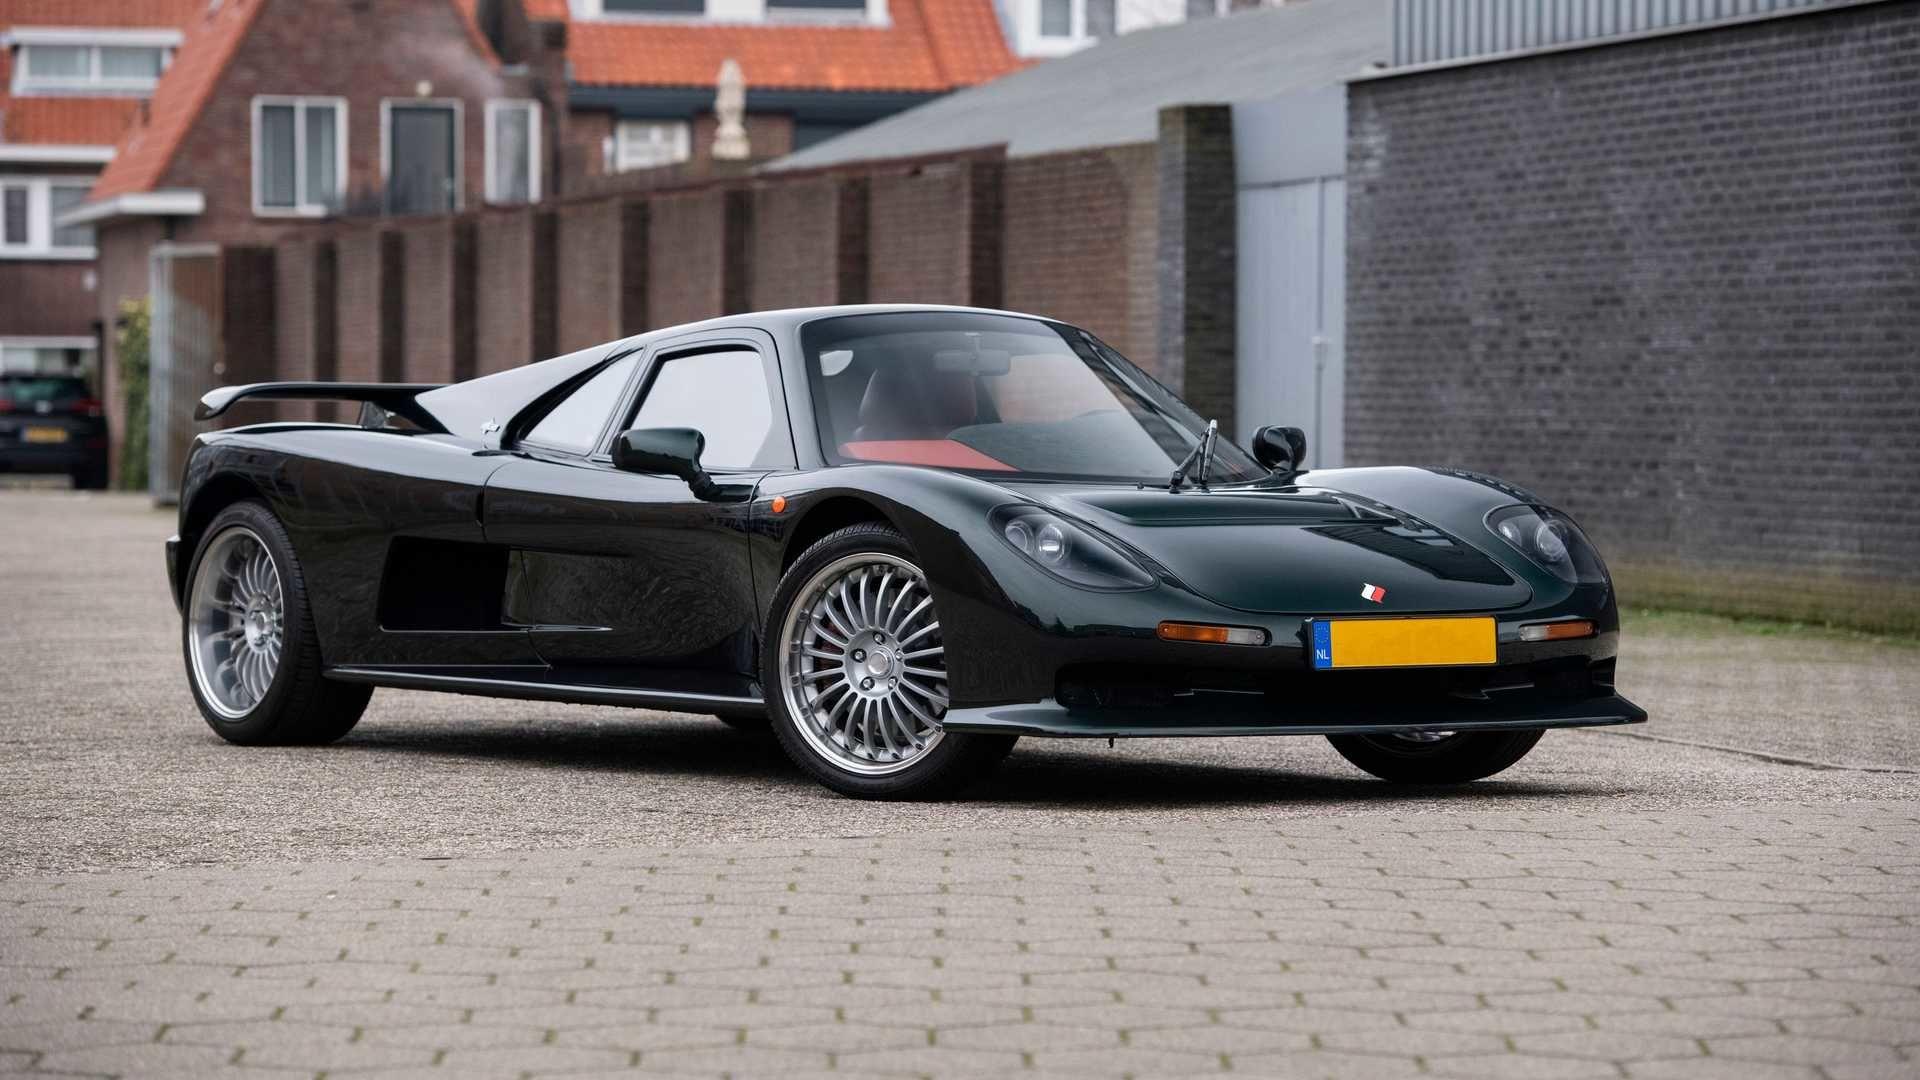 搭載 BMW 動力系統的極稀有 1997 Ascari Ecosse 將進行拍賣!